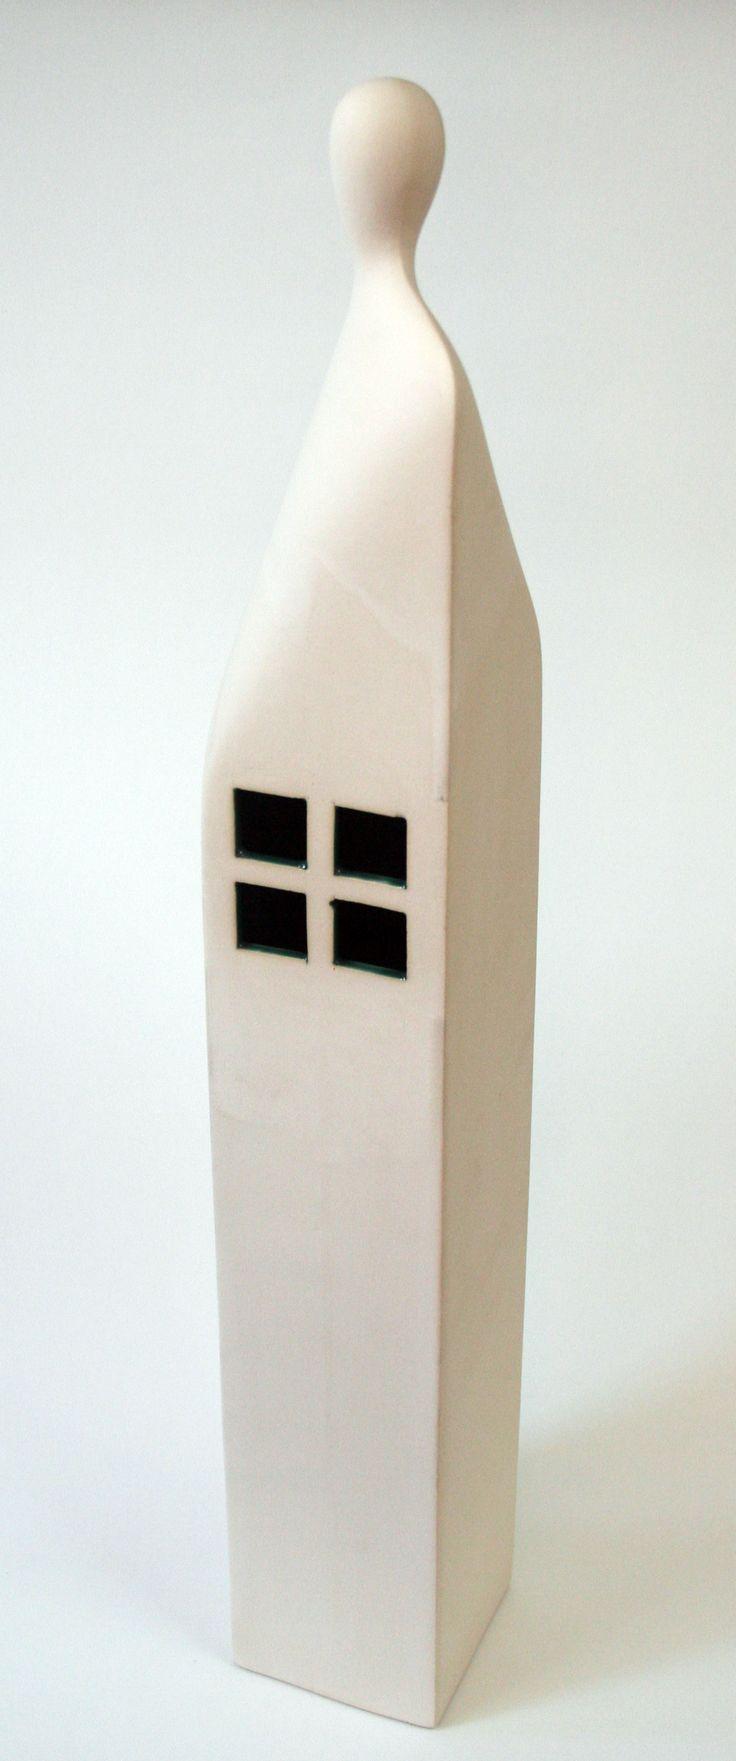 Kemal ULUDAĞ, 2014, Human Blocks 5-1 - İnsan Blokları 5-1, 65x9x9 cm., Stoneware-1200 °C